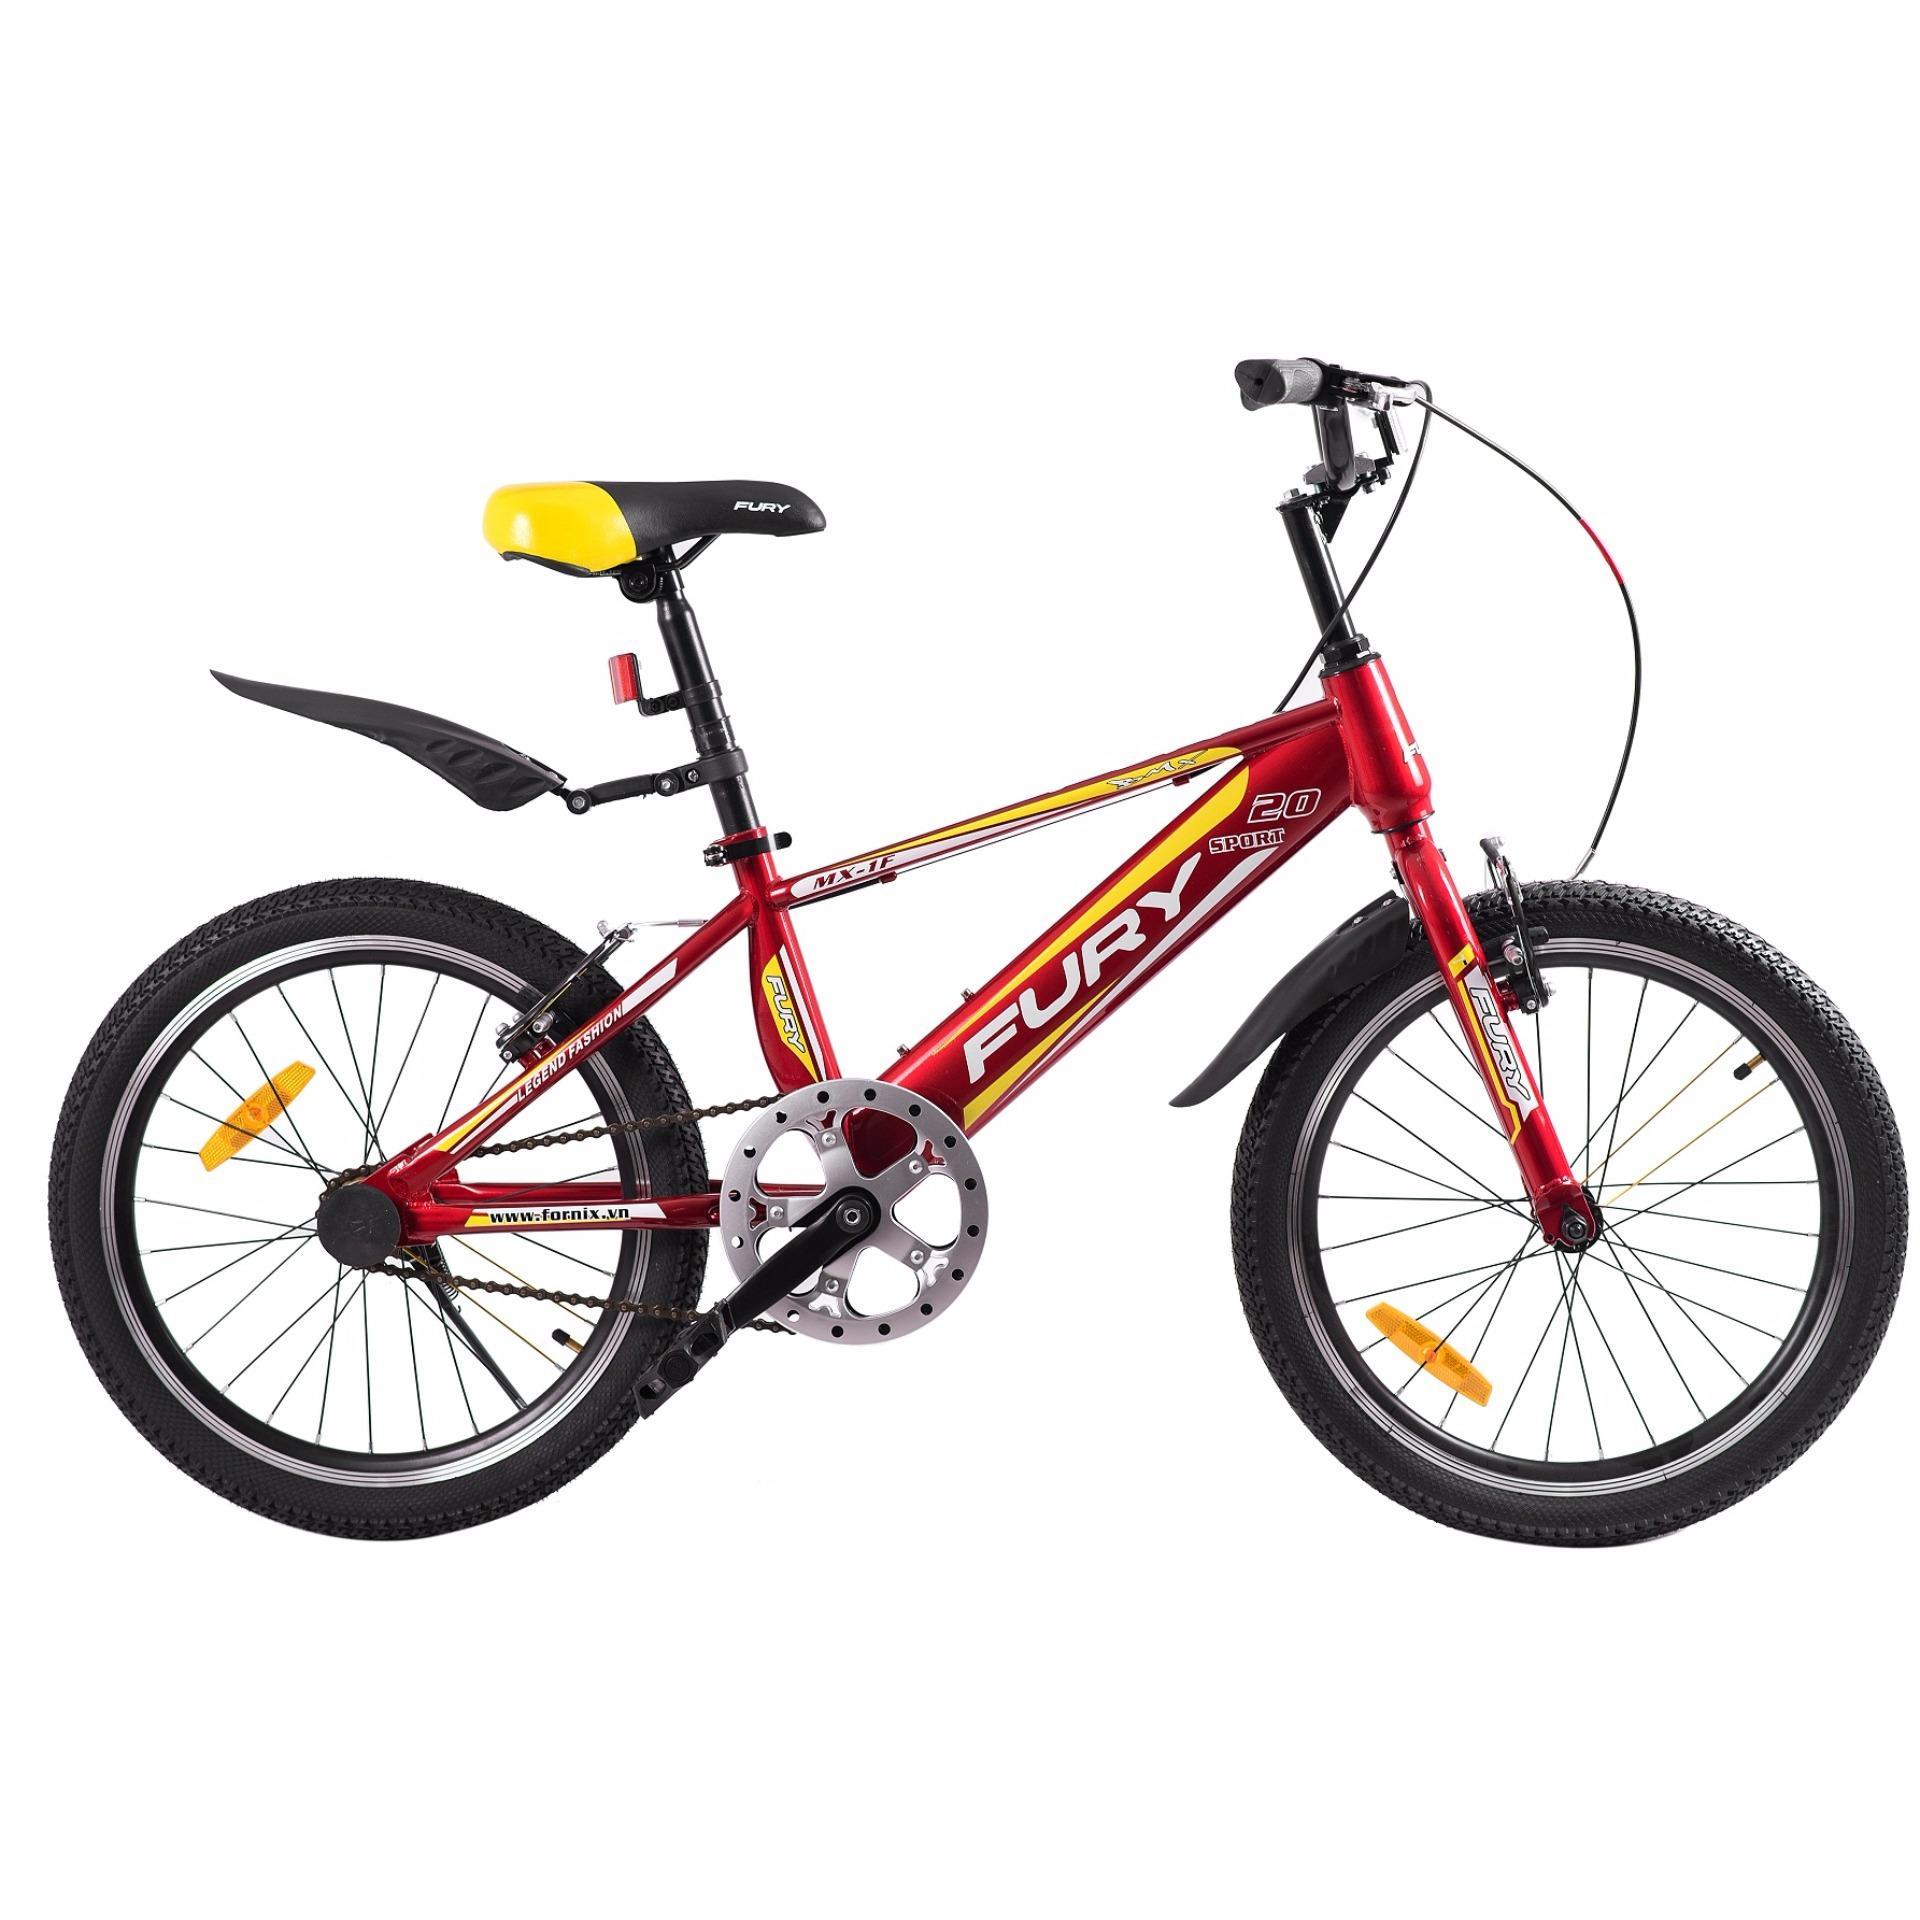 Xe đạp BMX, hiệu FURY, mã MX-1F ( đỏ vàng )